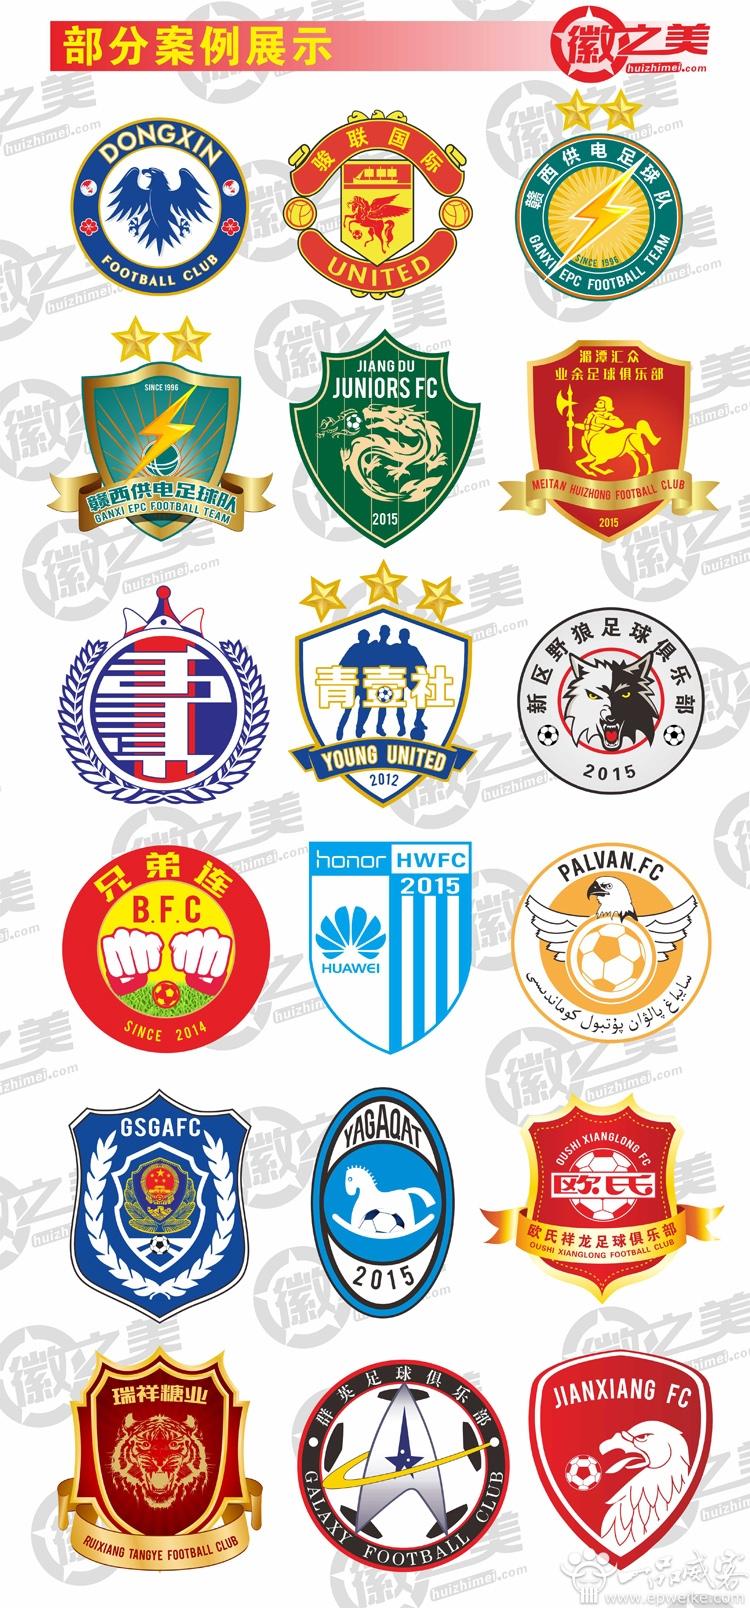 俱乐部队徽矢量图